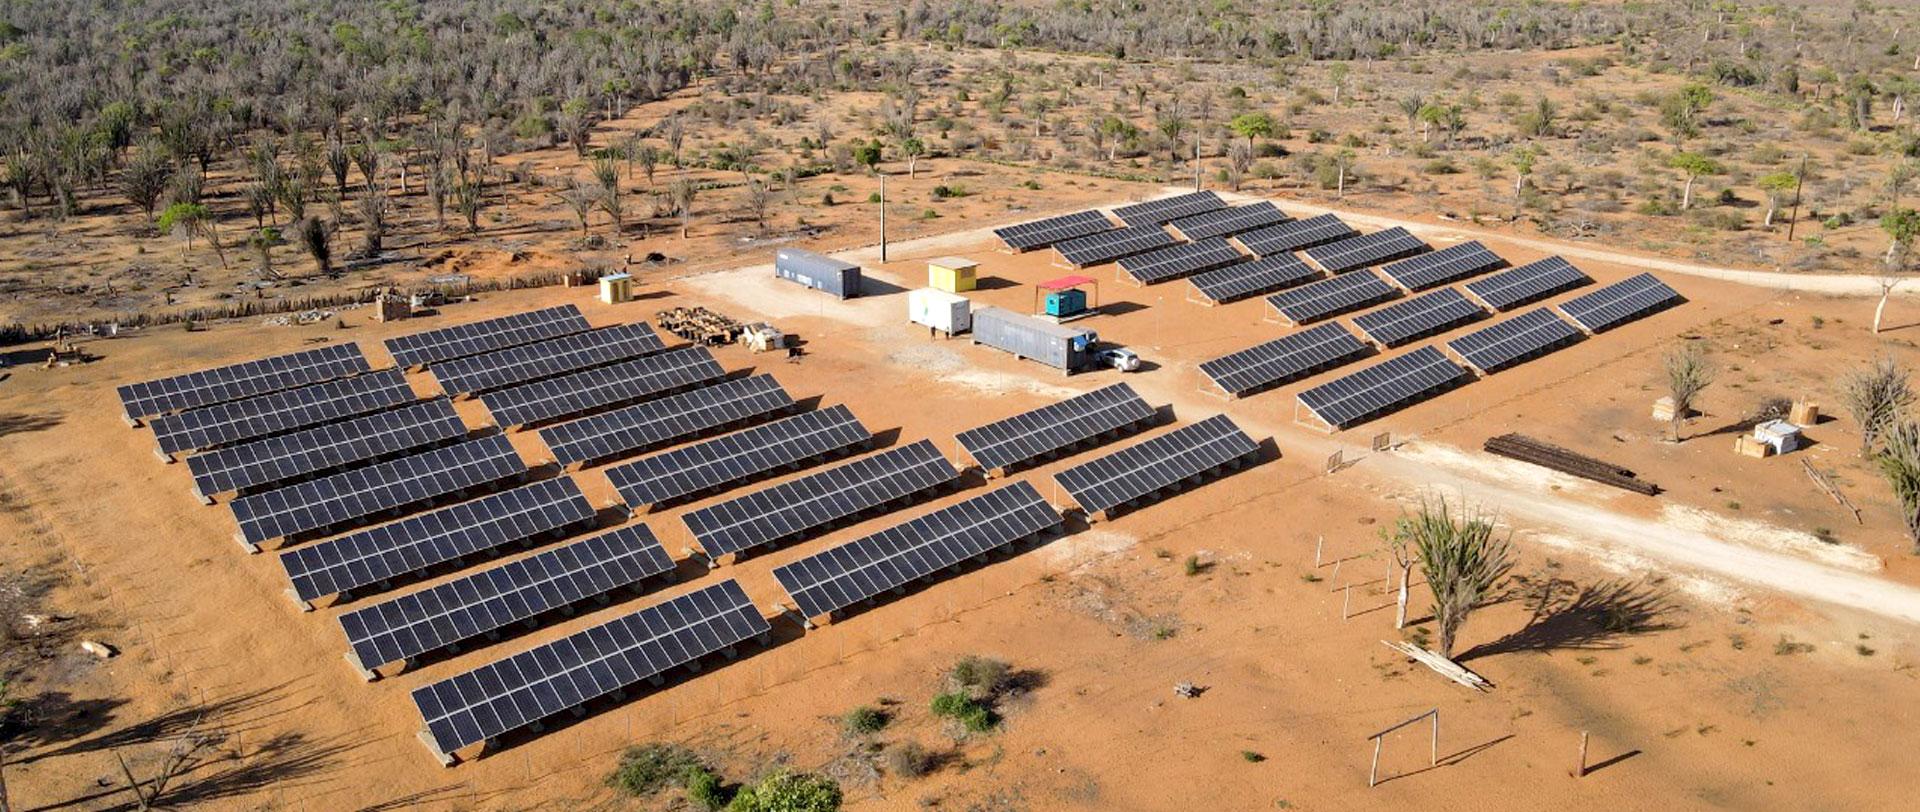 Über 7.600 Solaranlagen haben wir bereits geliefert.